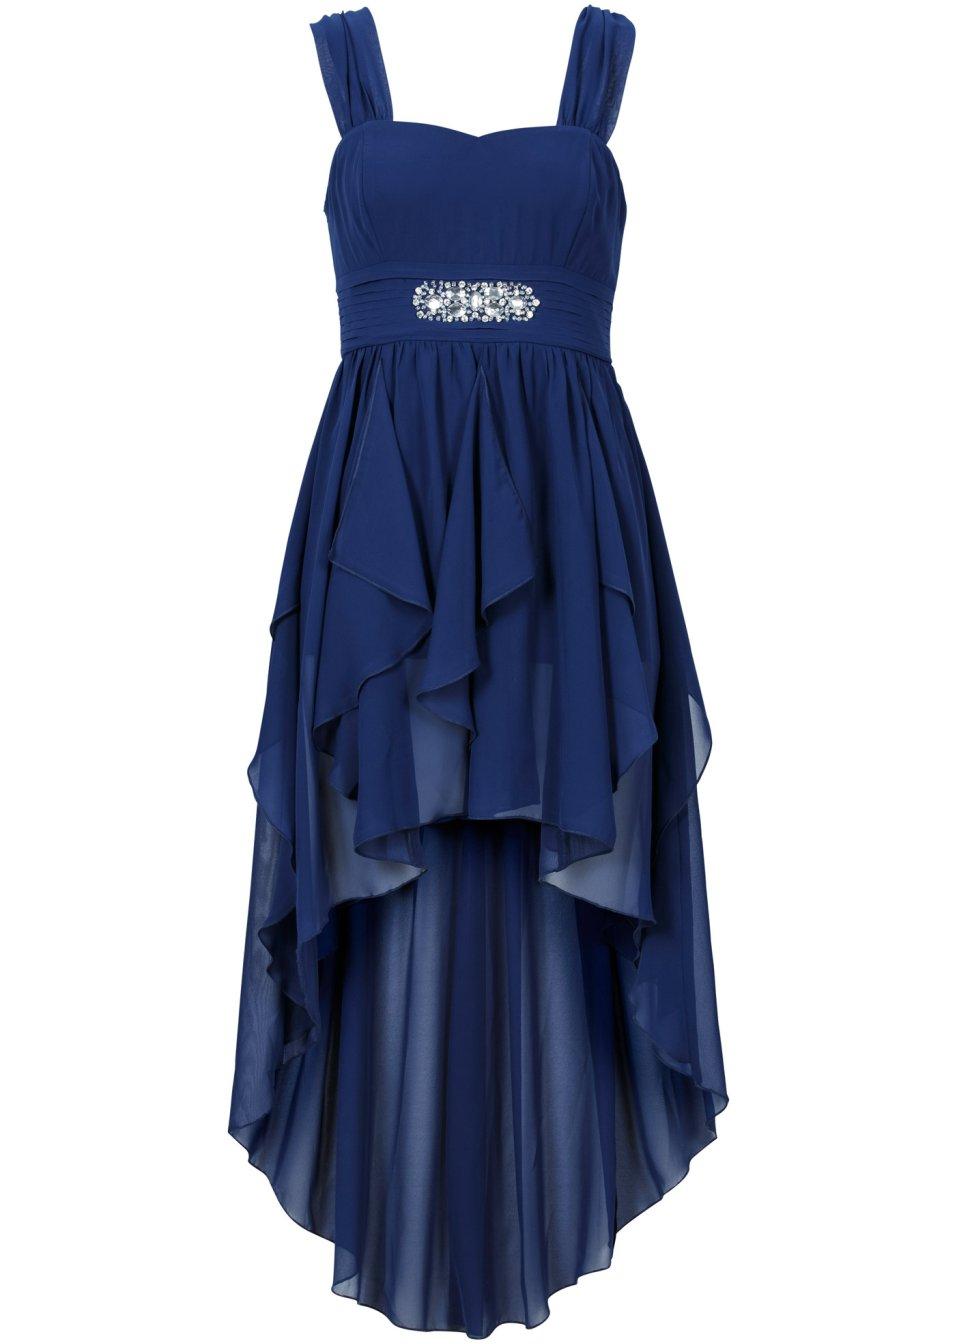 geschmackvolles kleid mit schmucksteinen mitternachtsblau. Black Bedroom Furniture Sets. Home Design Ideas